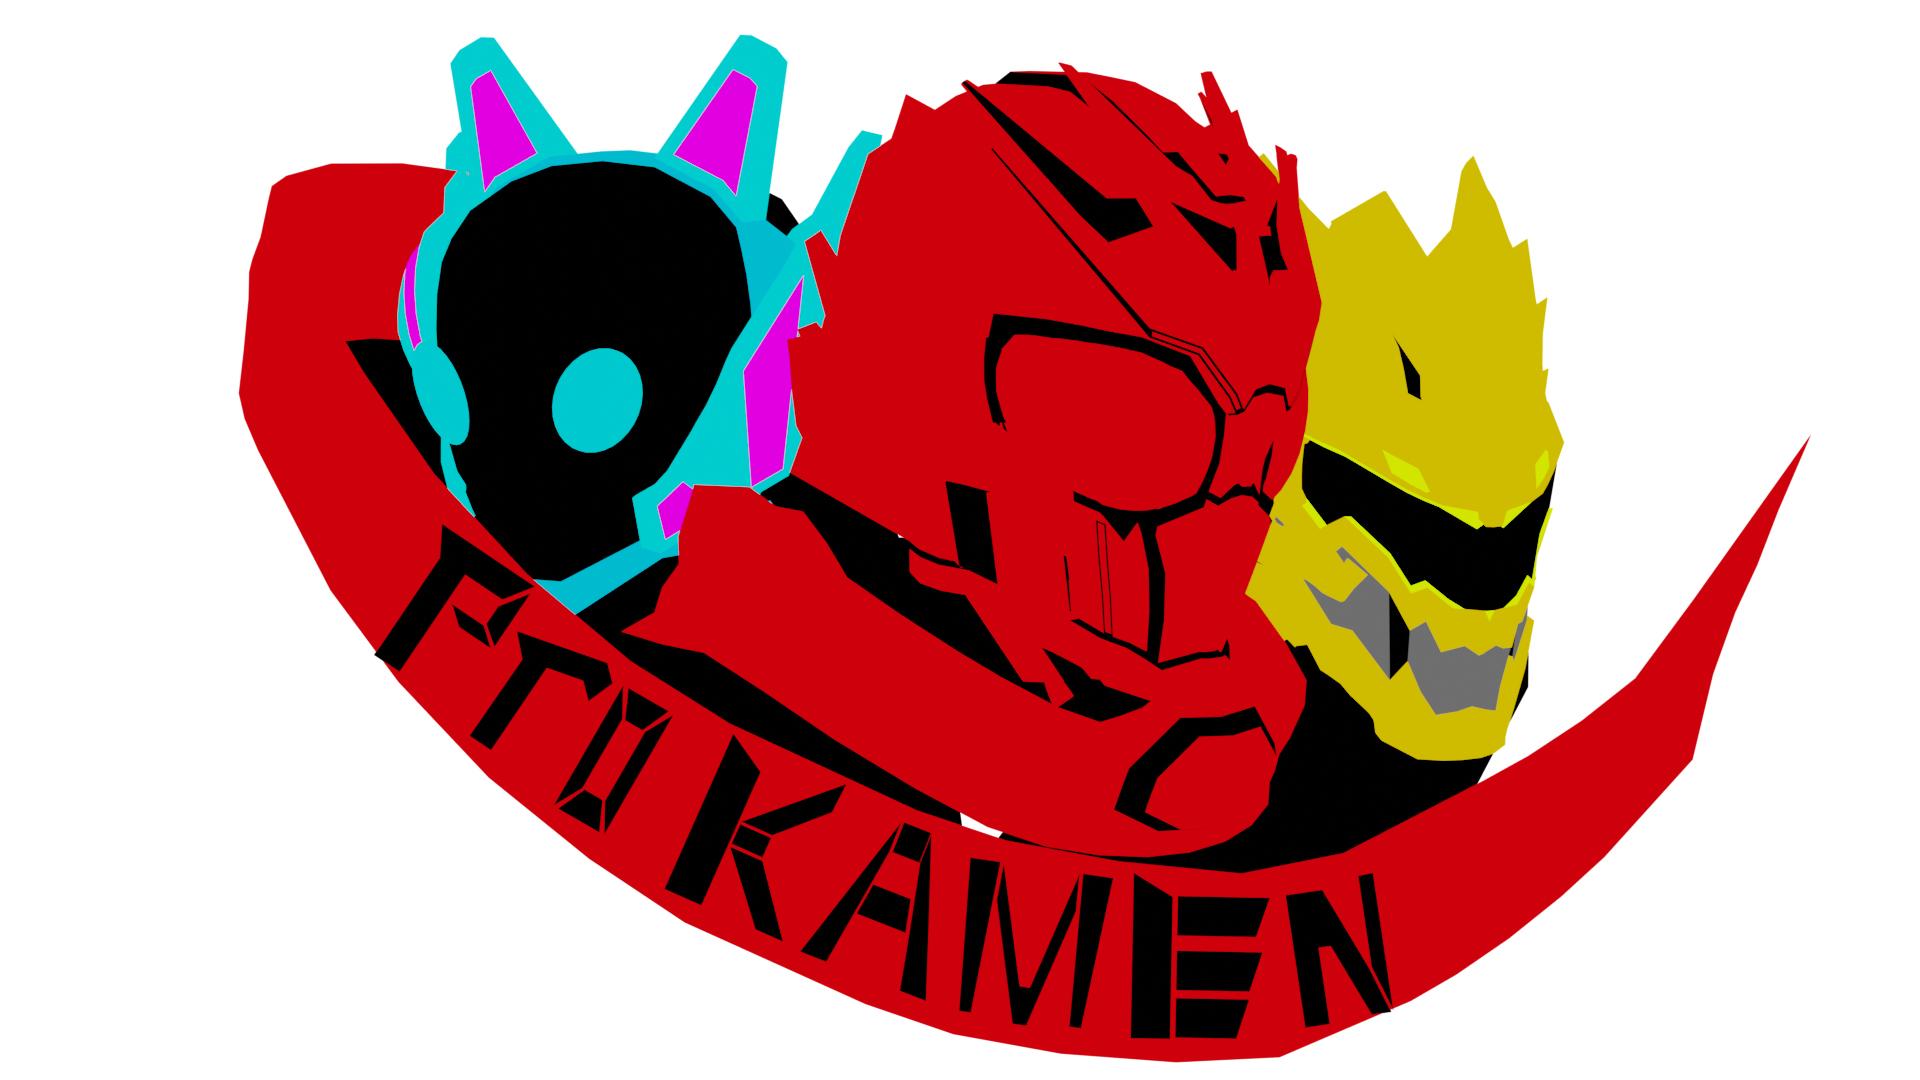 Project Kamen from Dalton Freeland